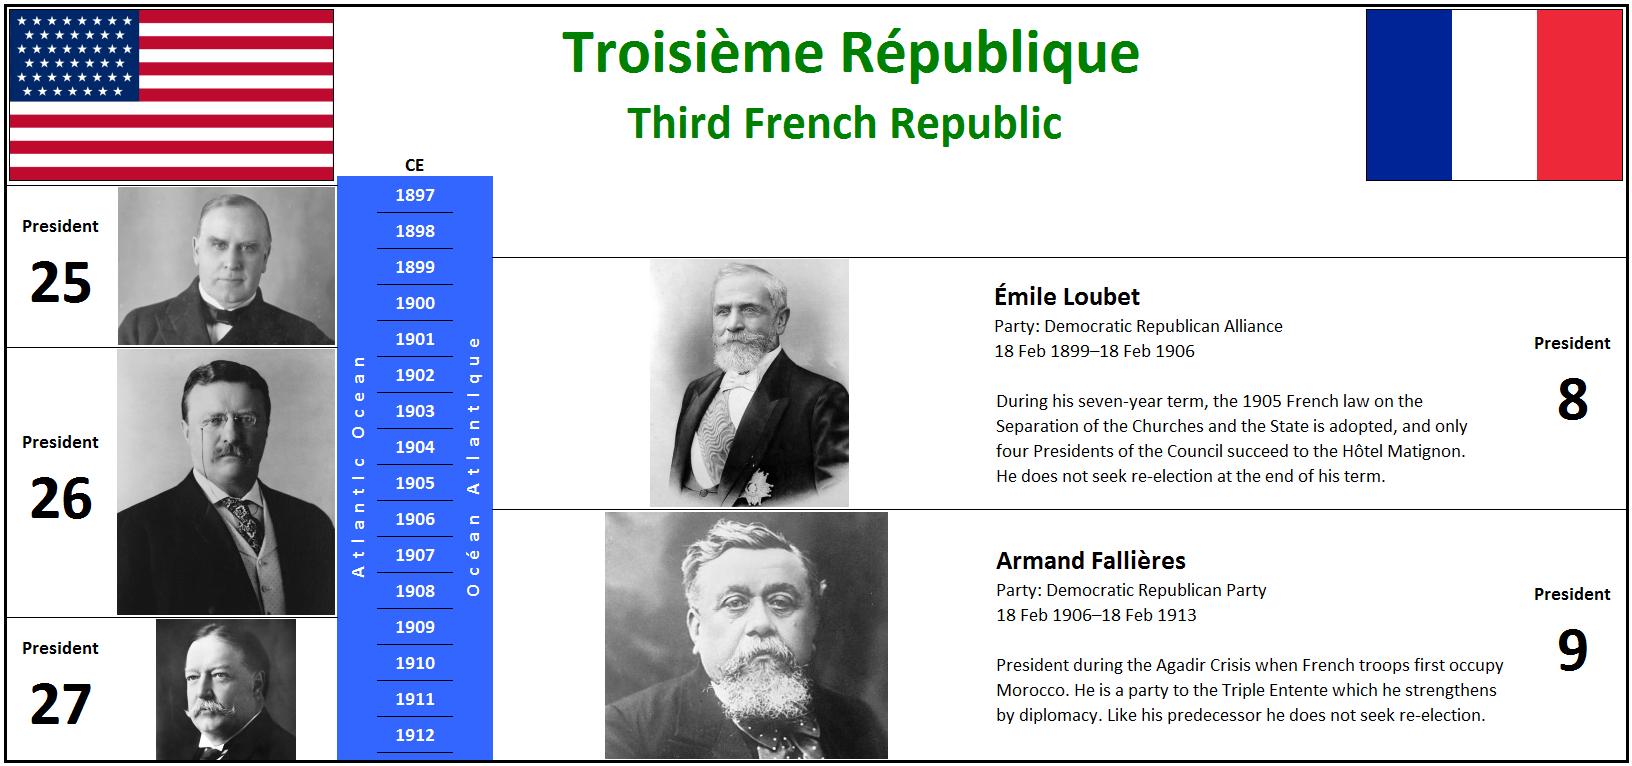 1899 Troisième République